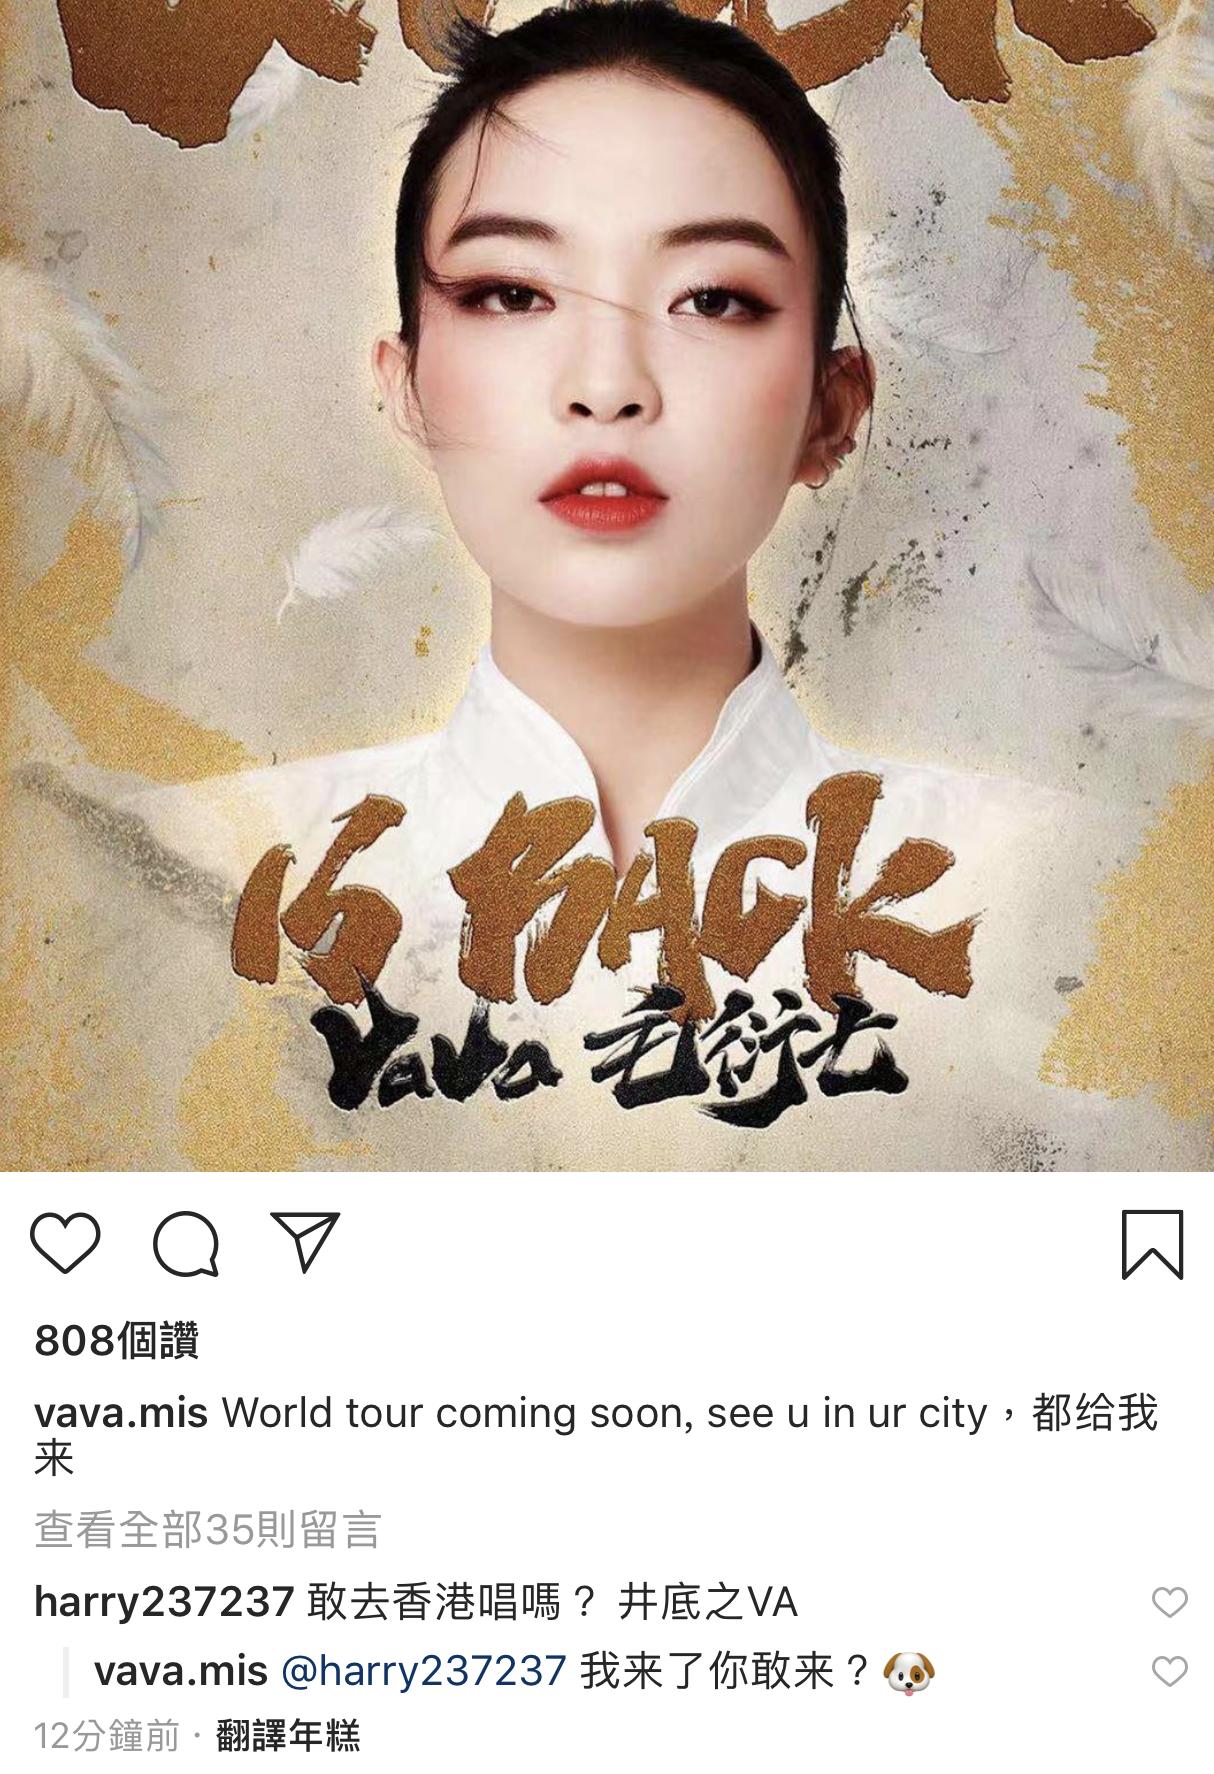 视觉超冲击!「VAVA」出道5年「投下震撼弹」 粉丝看傻:天啊…插图6